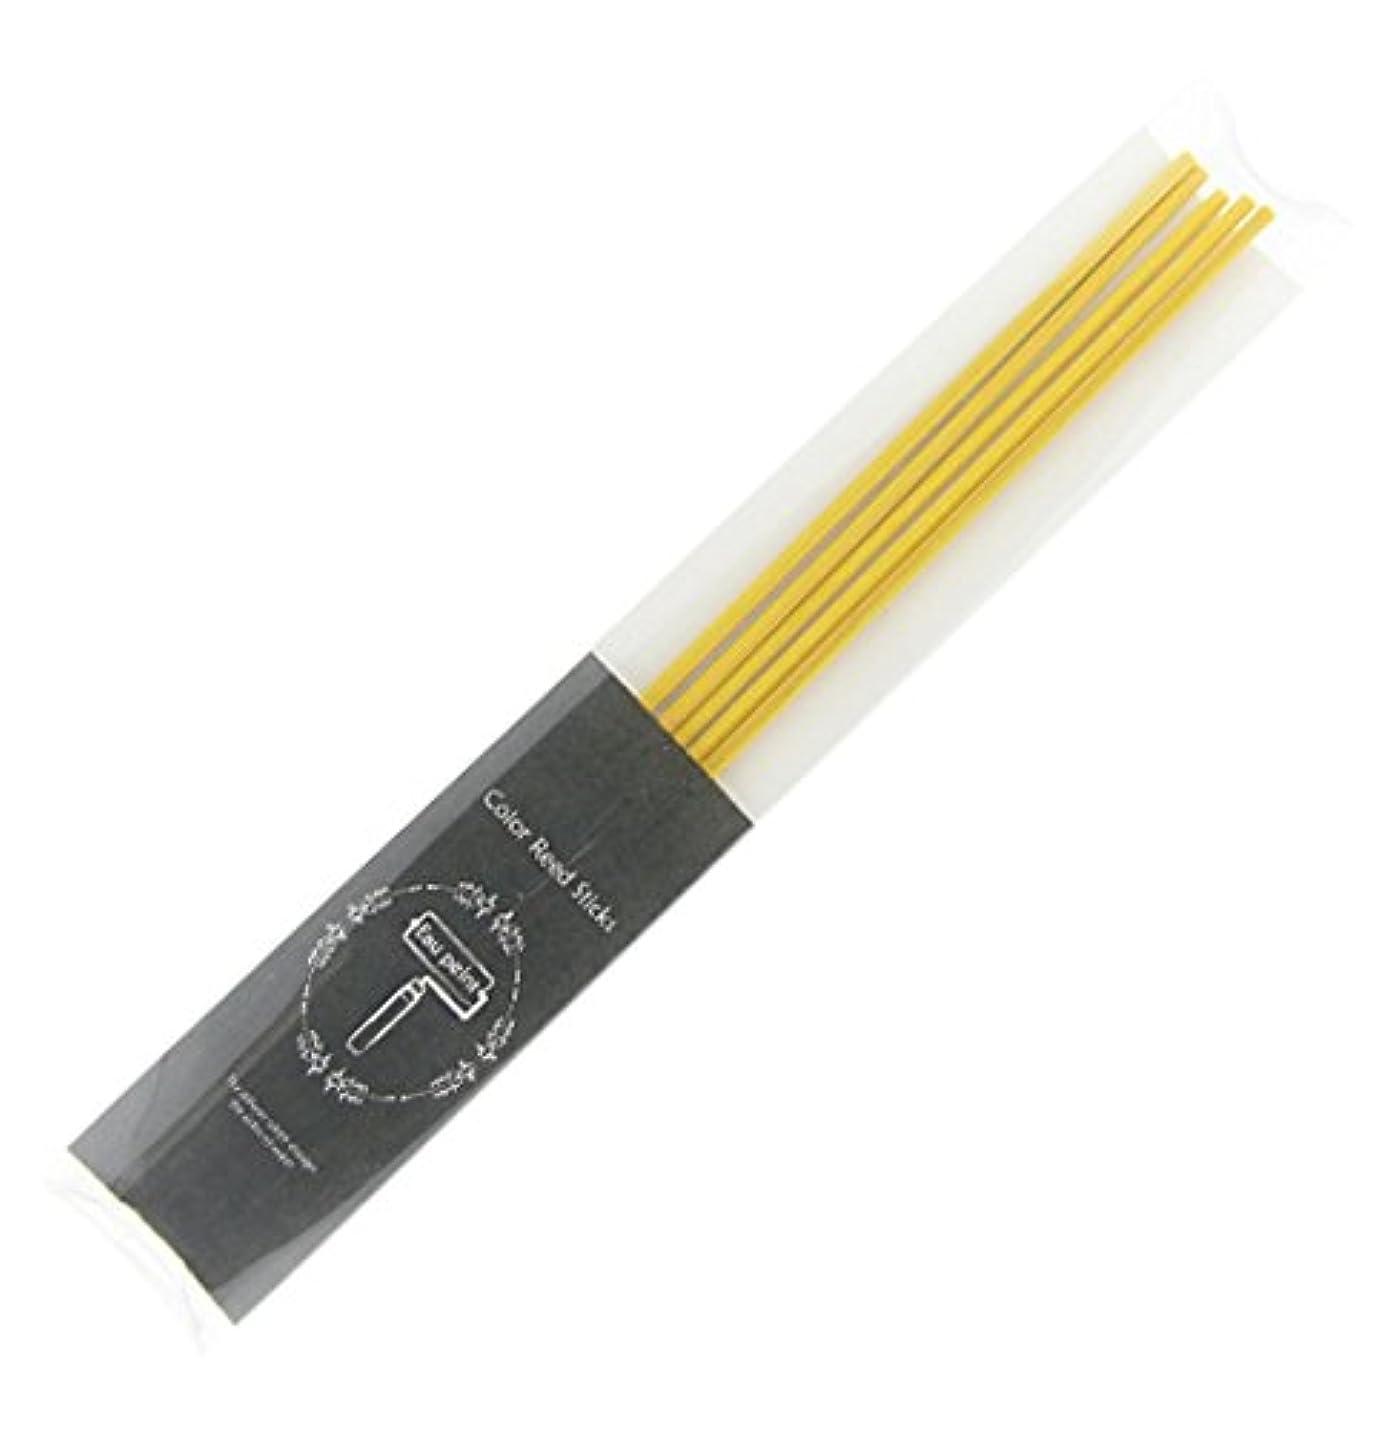 凶暴なドナーモジュールEau peint mais+ カラースティック リードディフューザー用スティック 5本入 イエロー Yellow オーペイント マイス